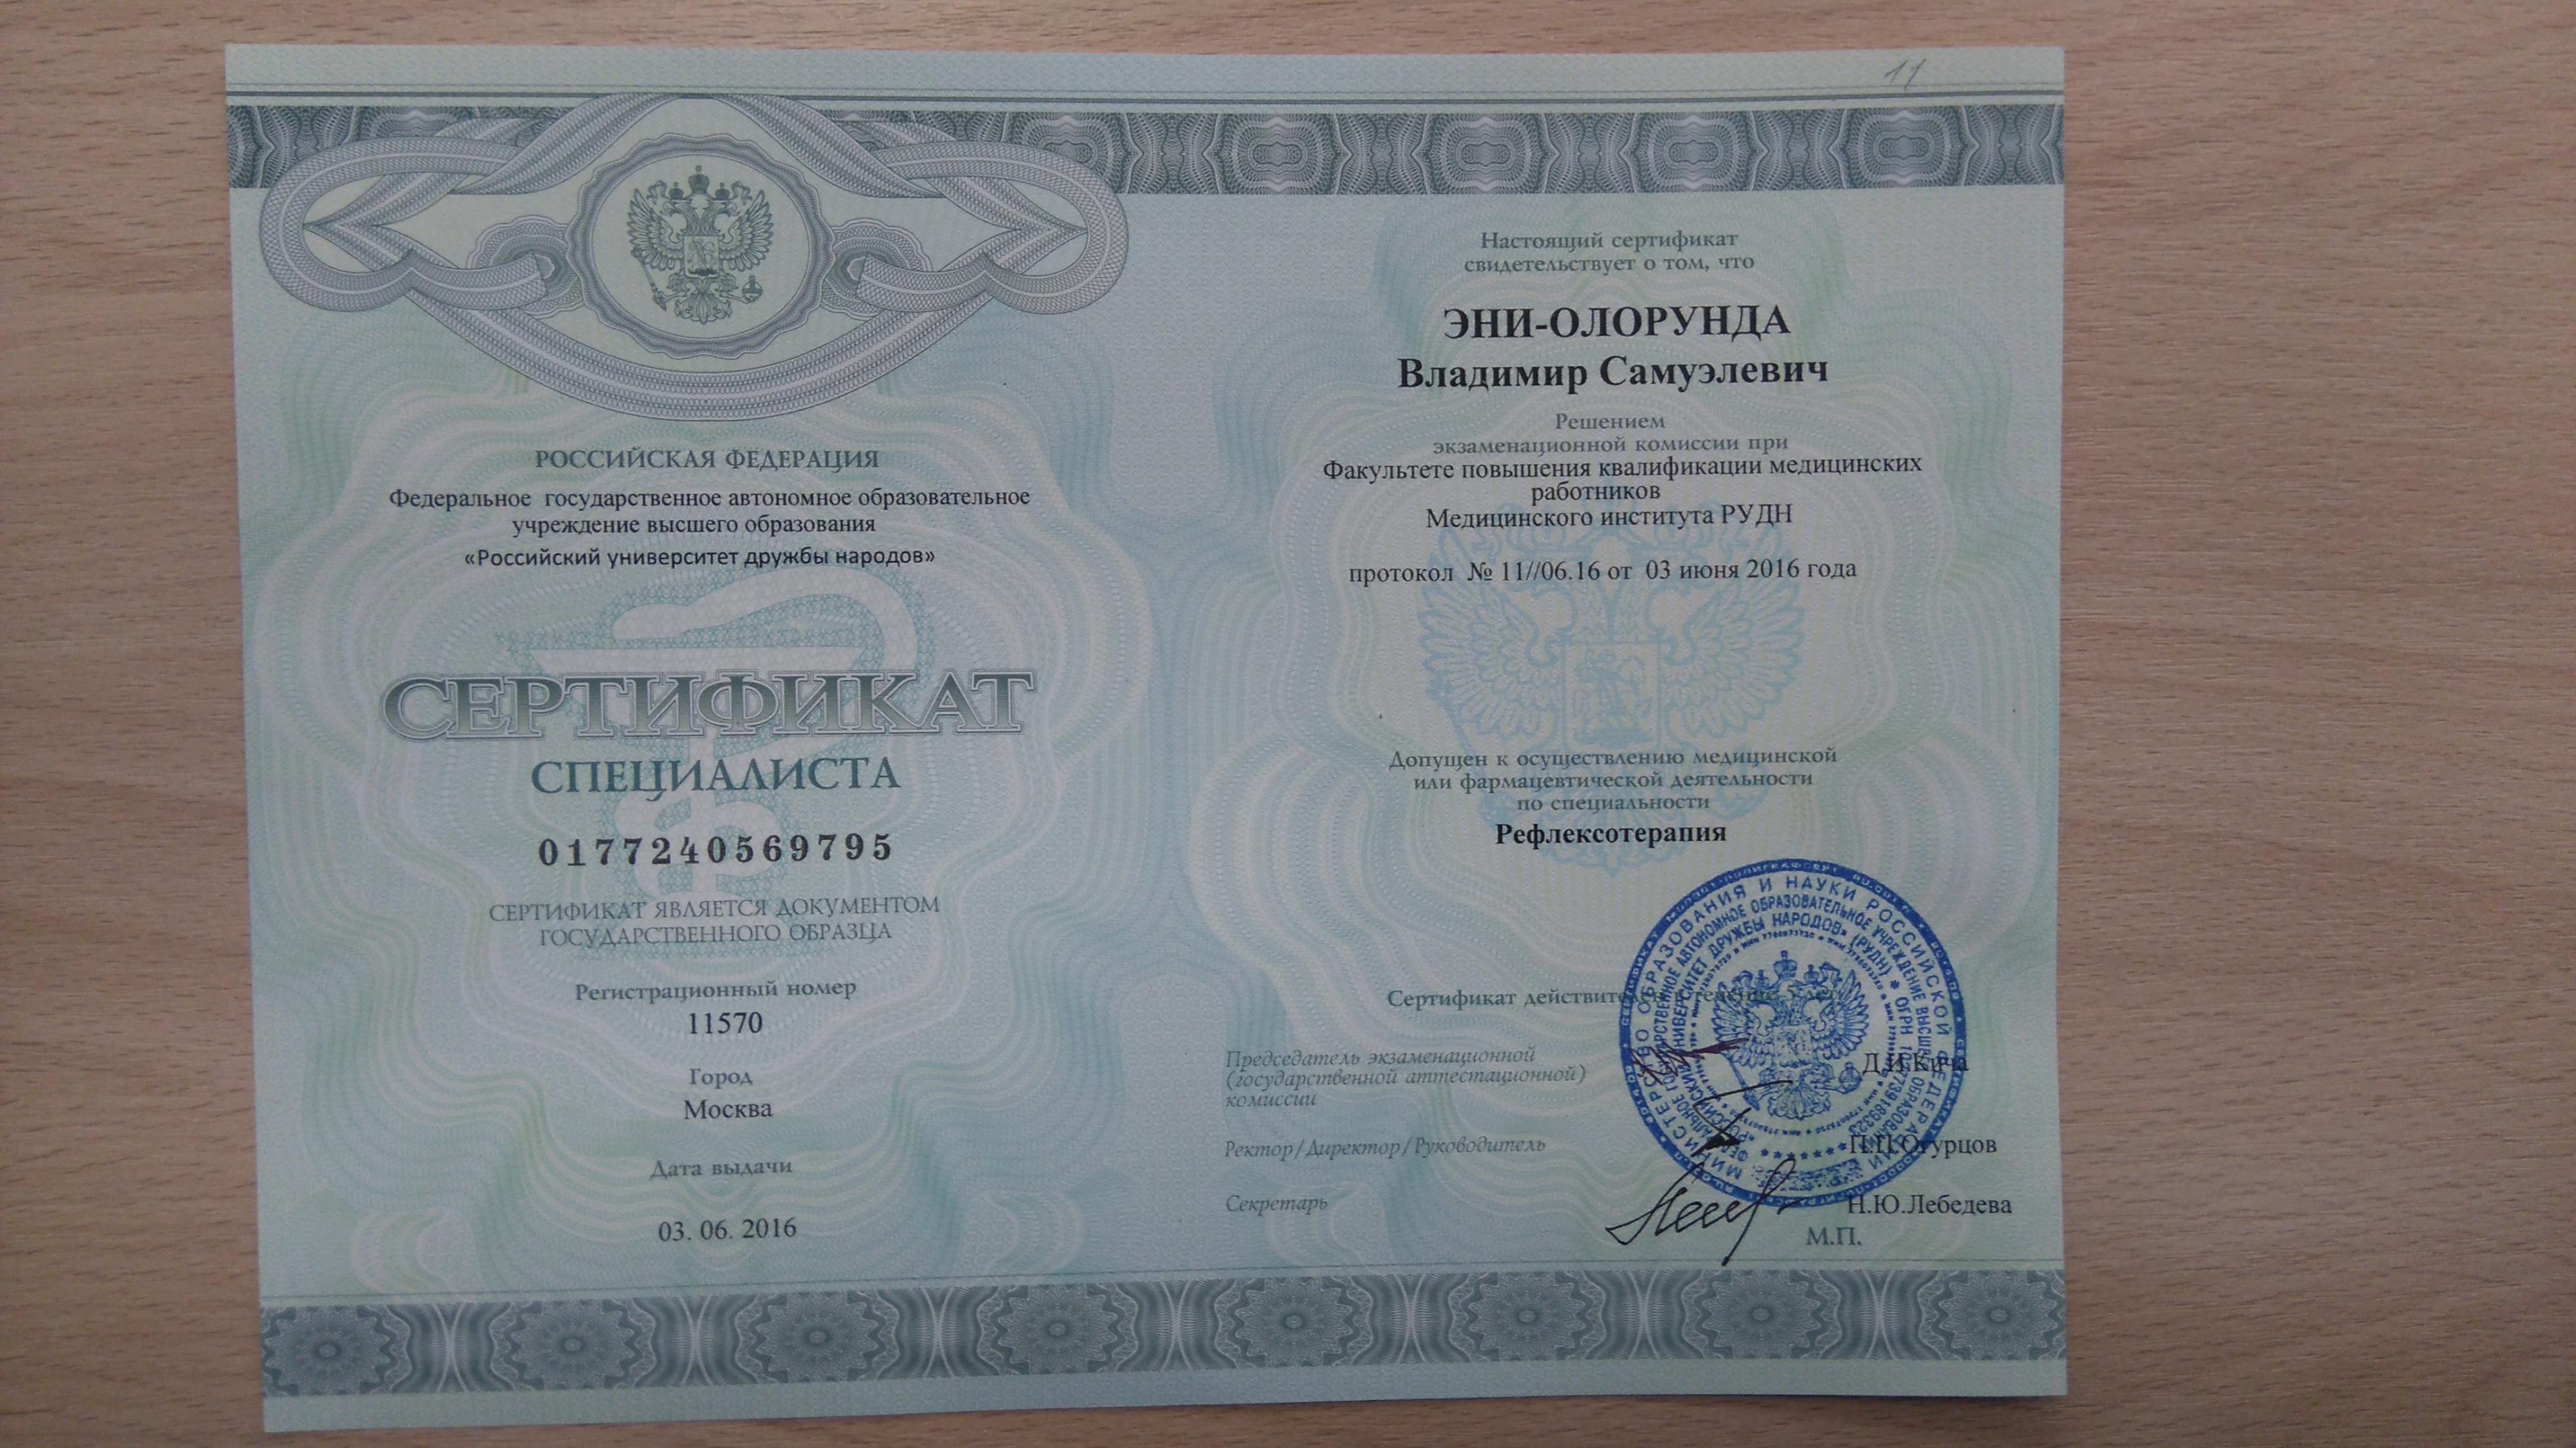 Сертификат по рефлексотерапии.